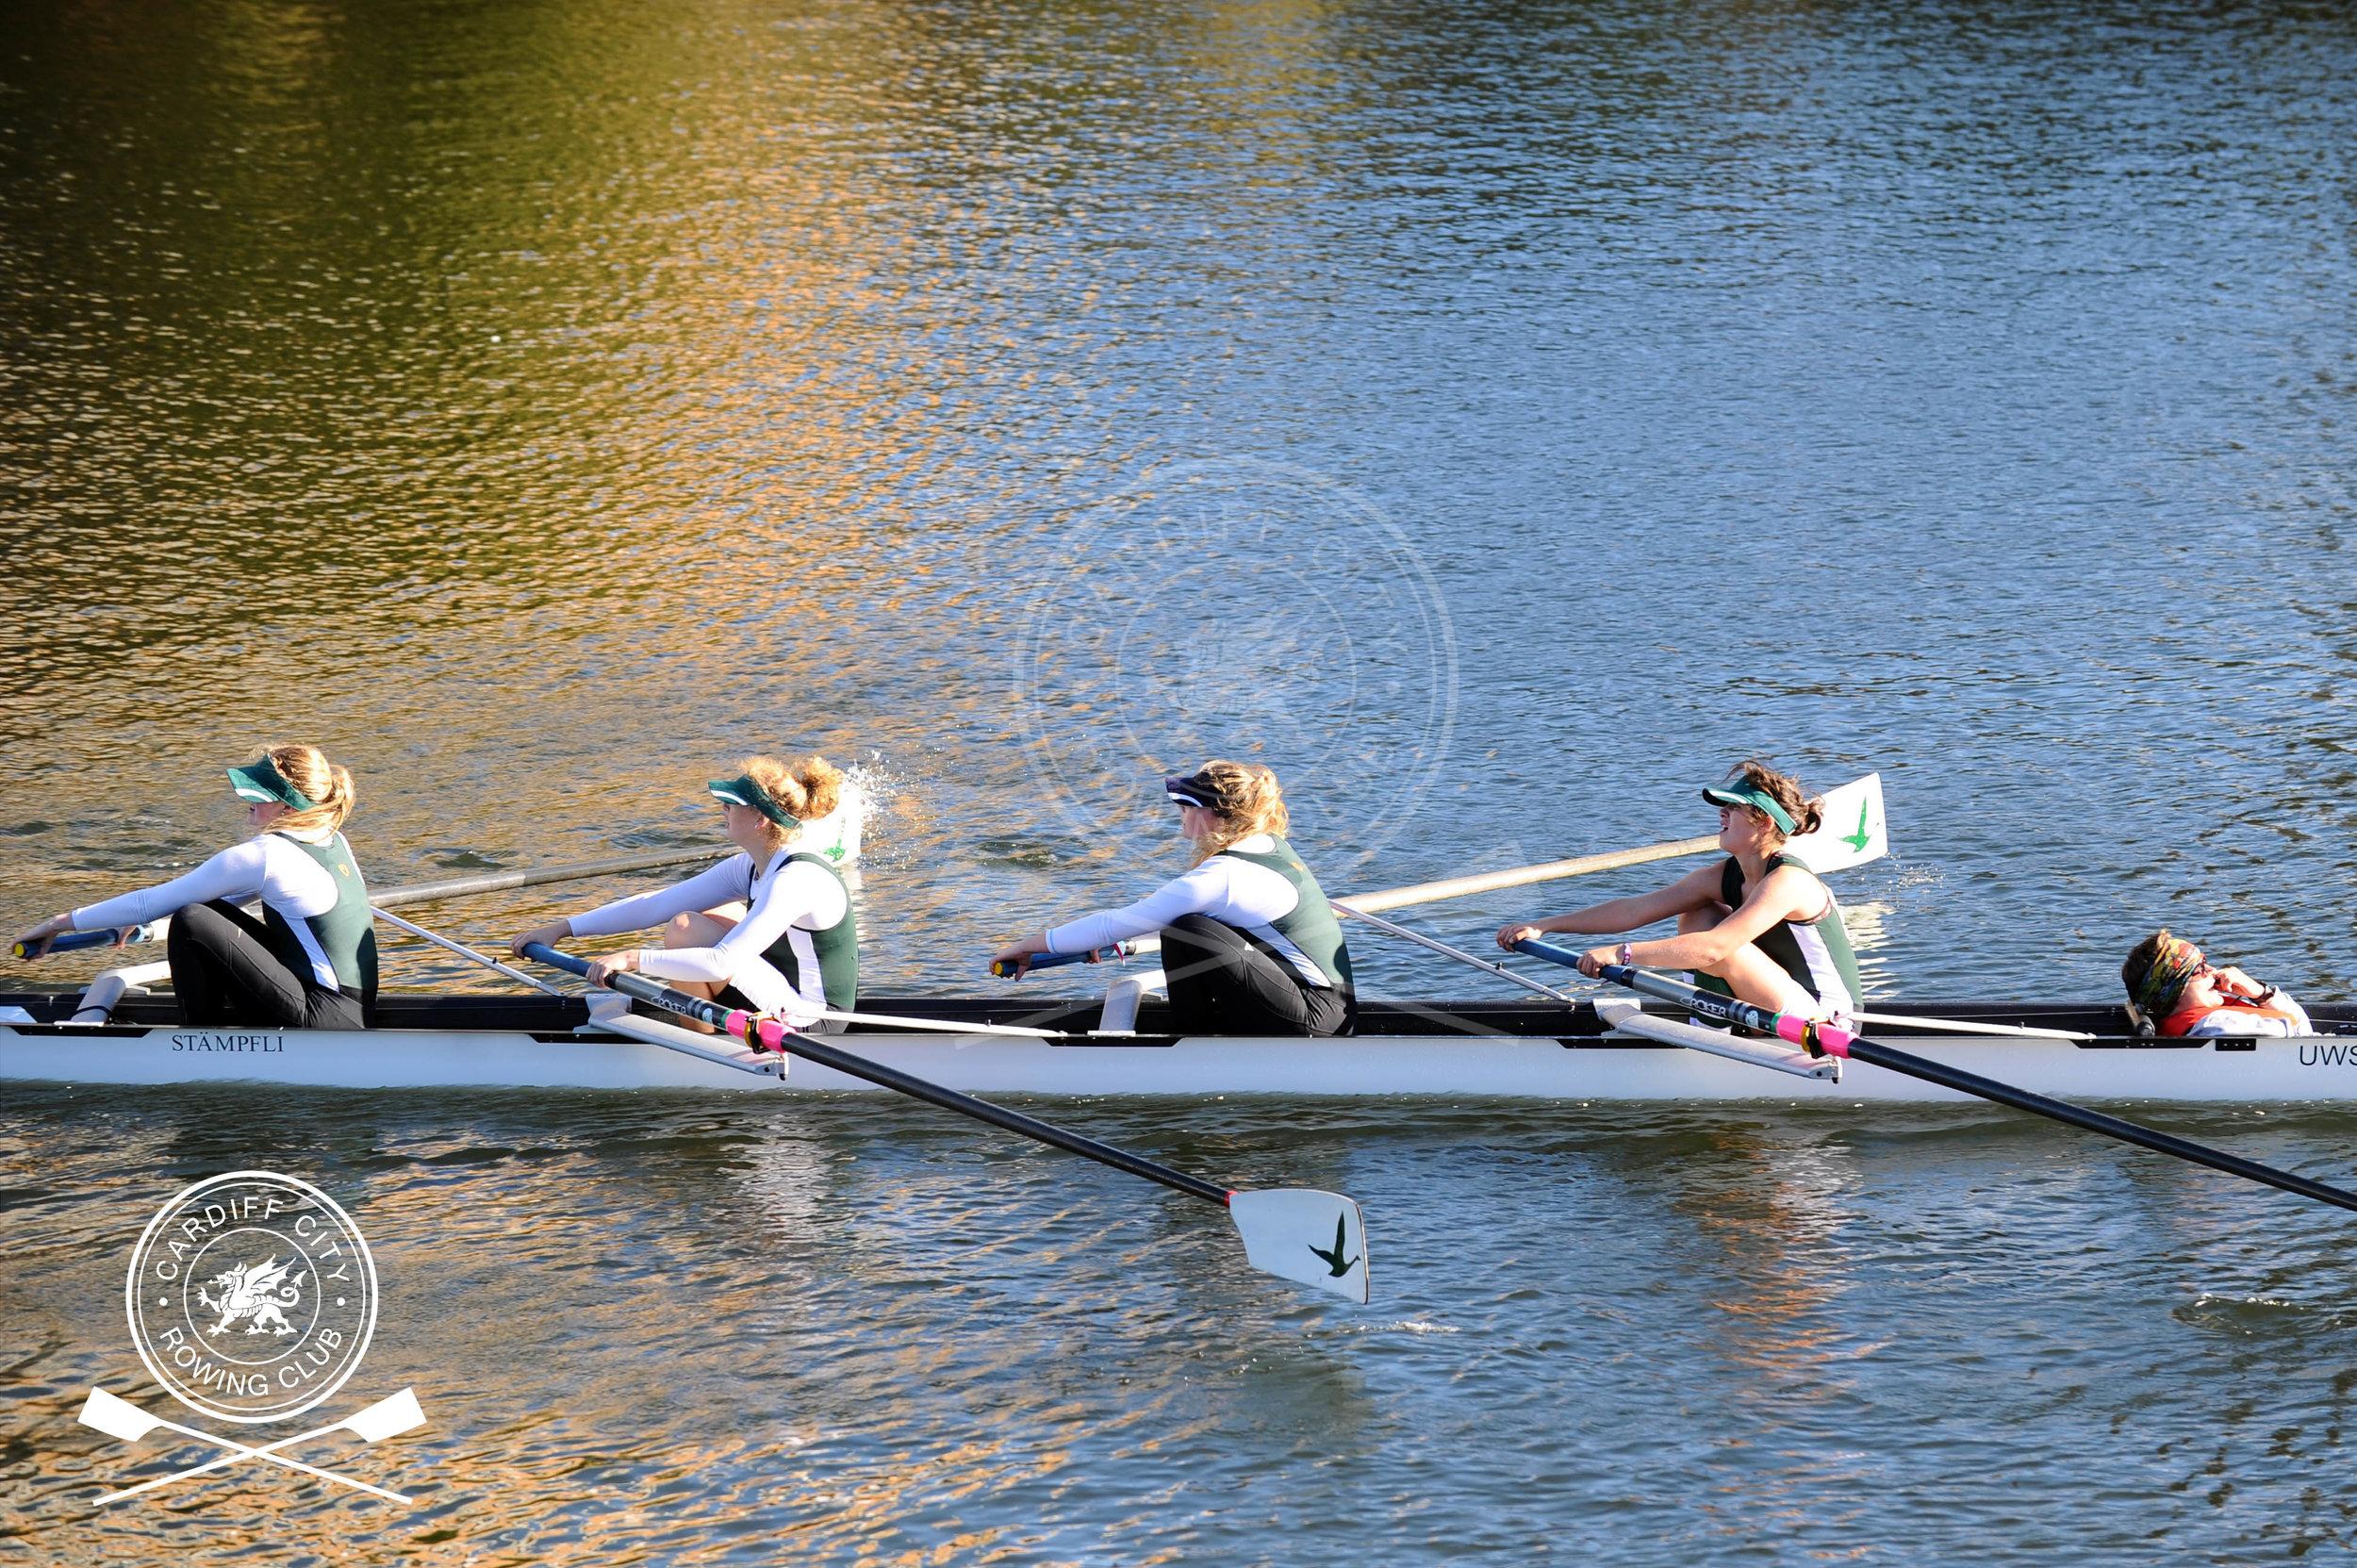 Cardiff_City_Head_Race_31.jpg